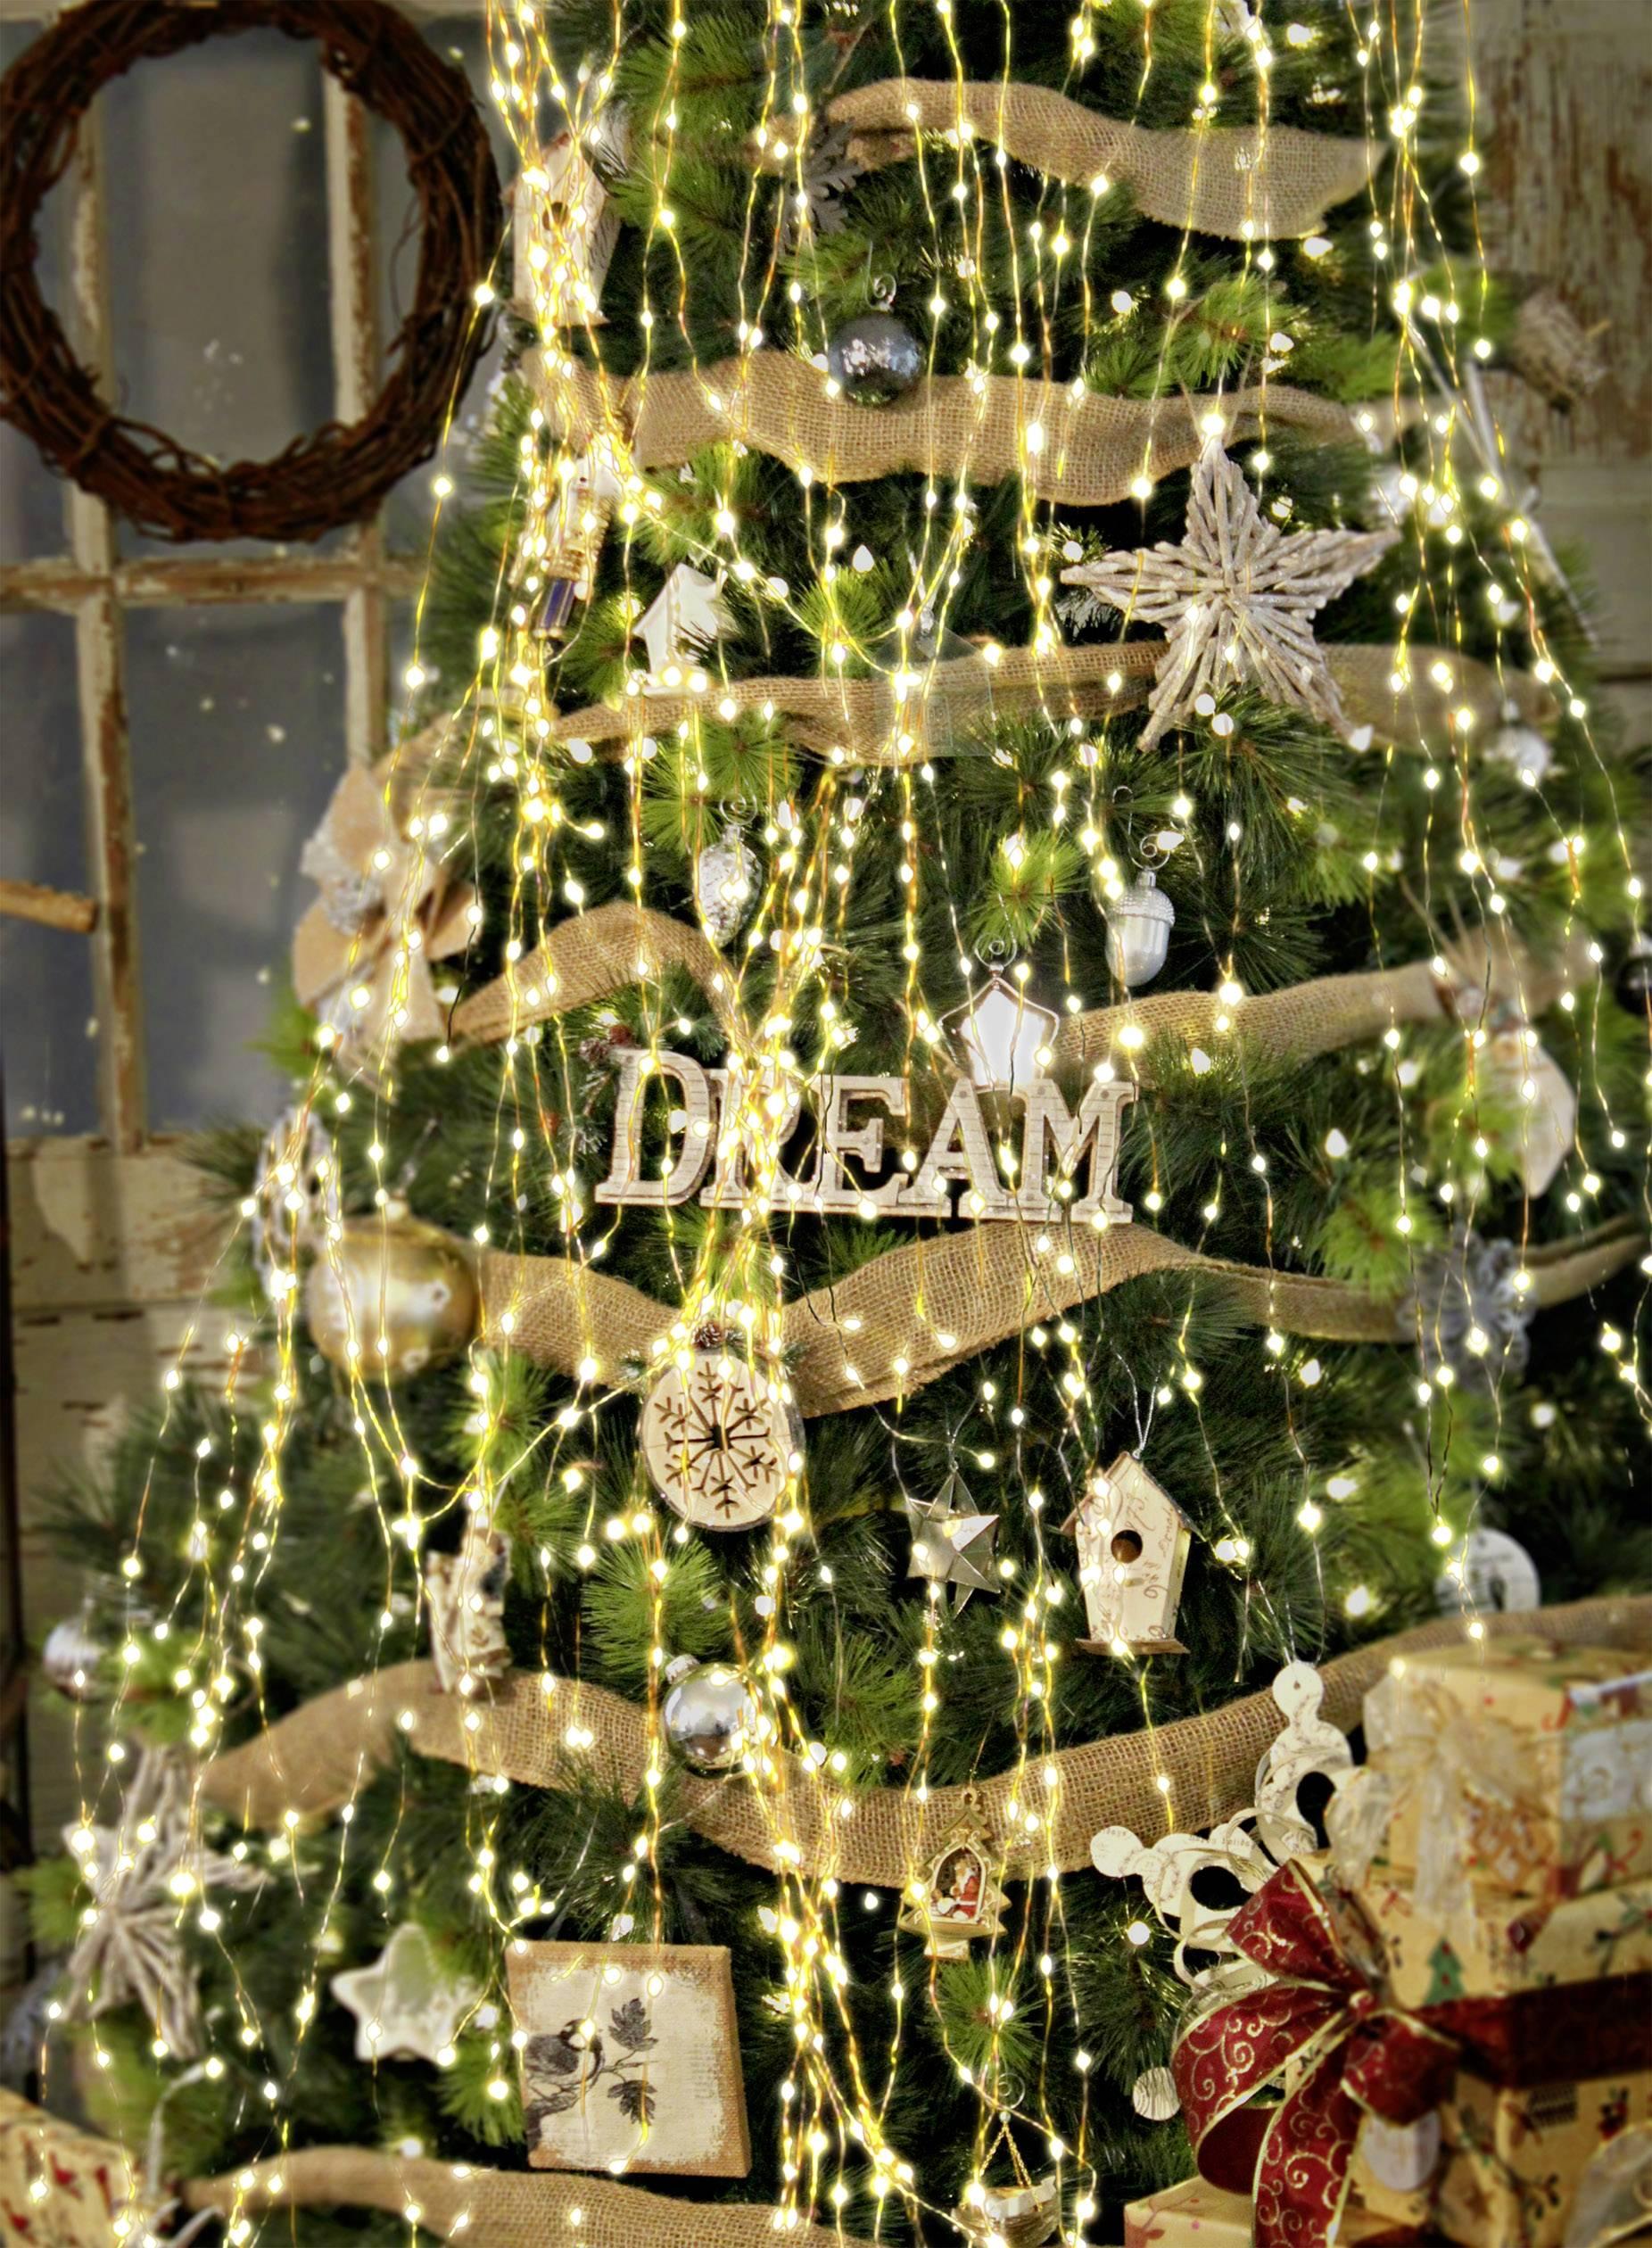 LED LED svetelný plášť na vianočný stromček Polarlite vnútorné 230 V, 240, teplá biela, neutrálne biela, 8 m